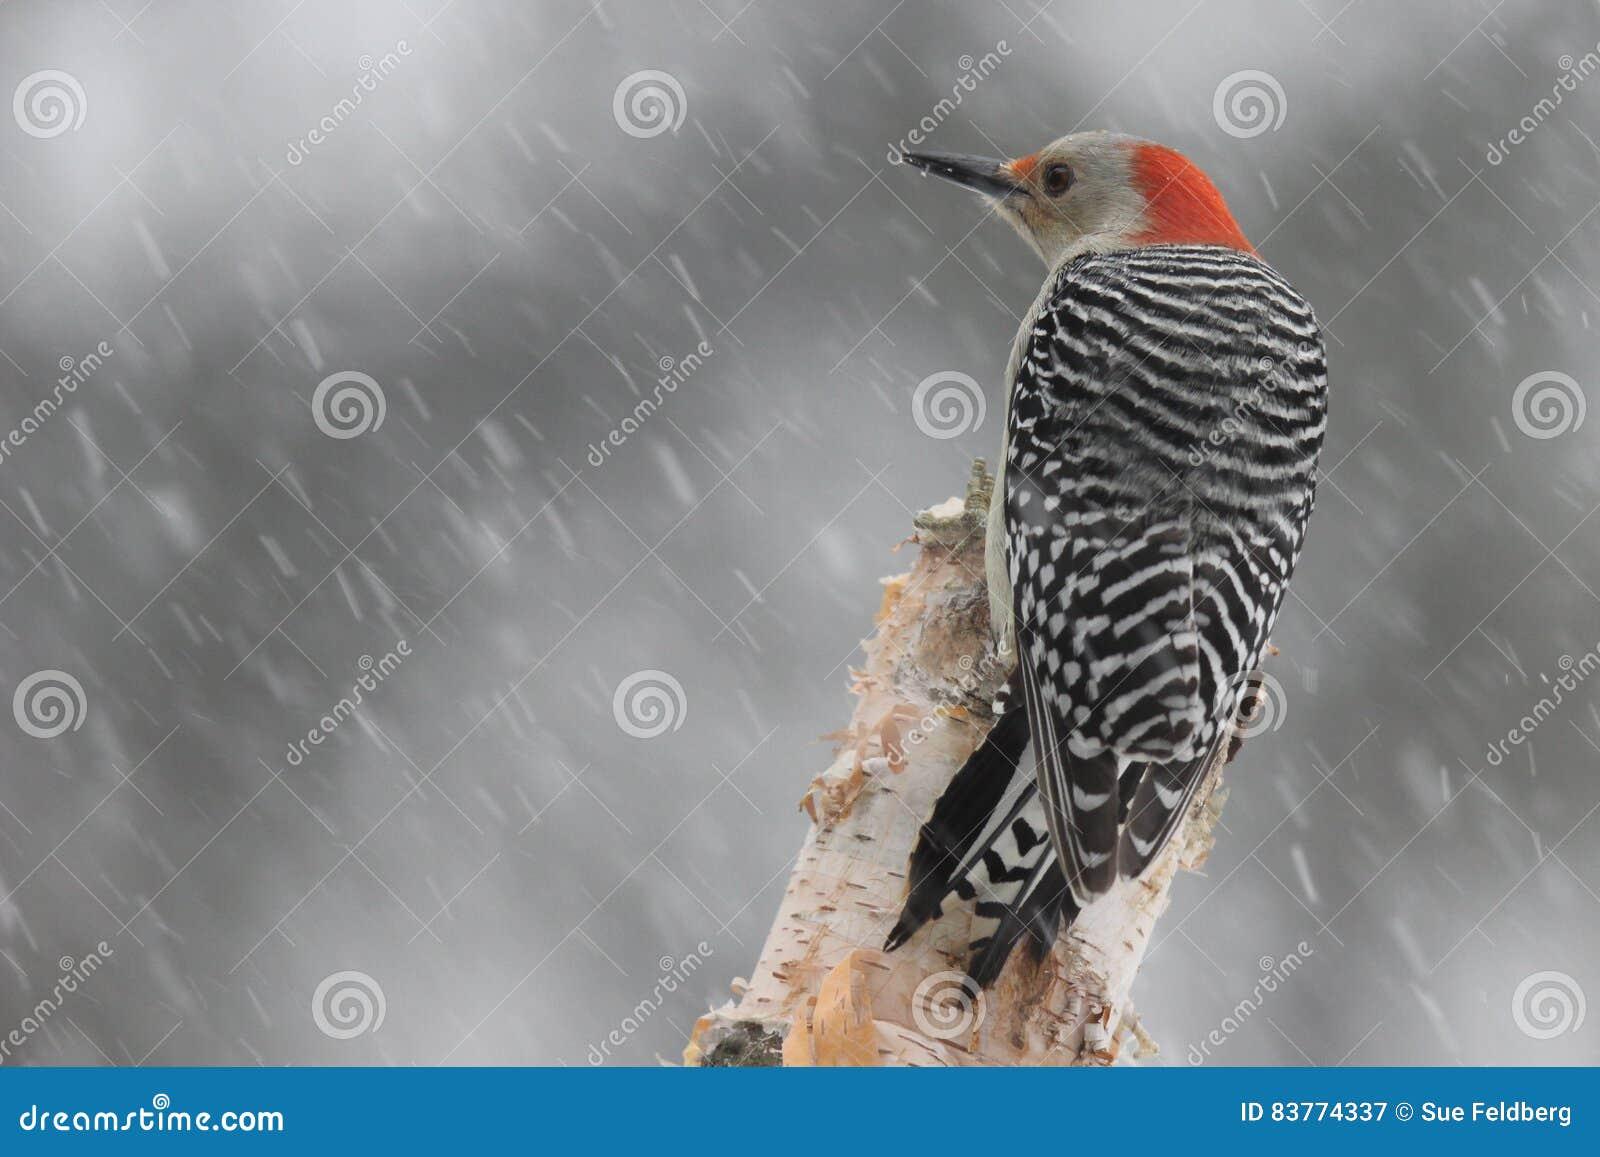 Woodpecker in a Winter Storm